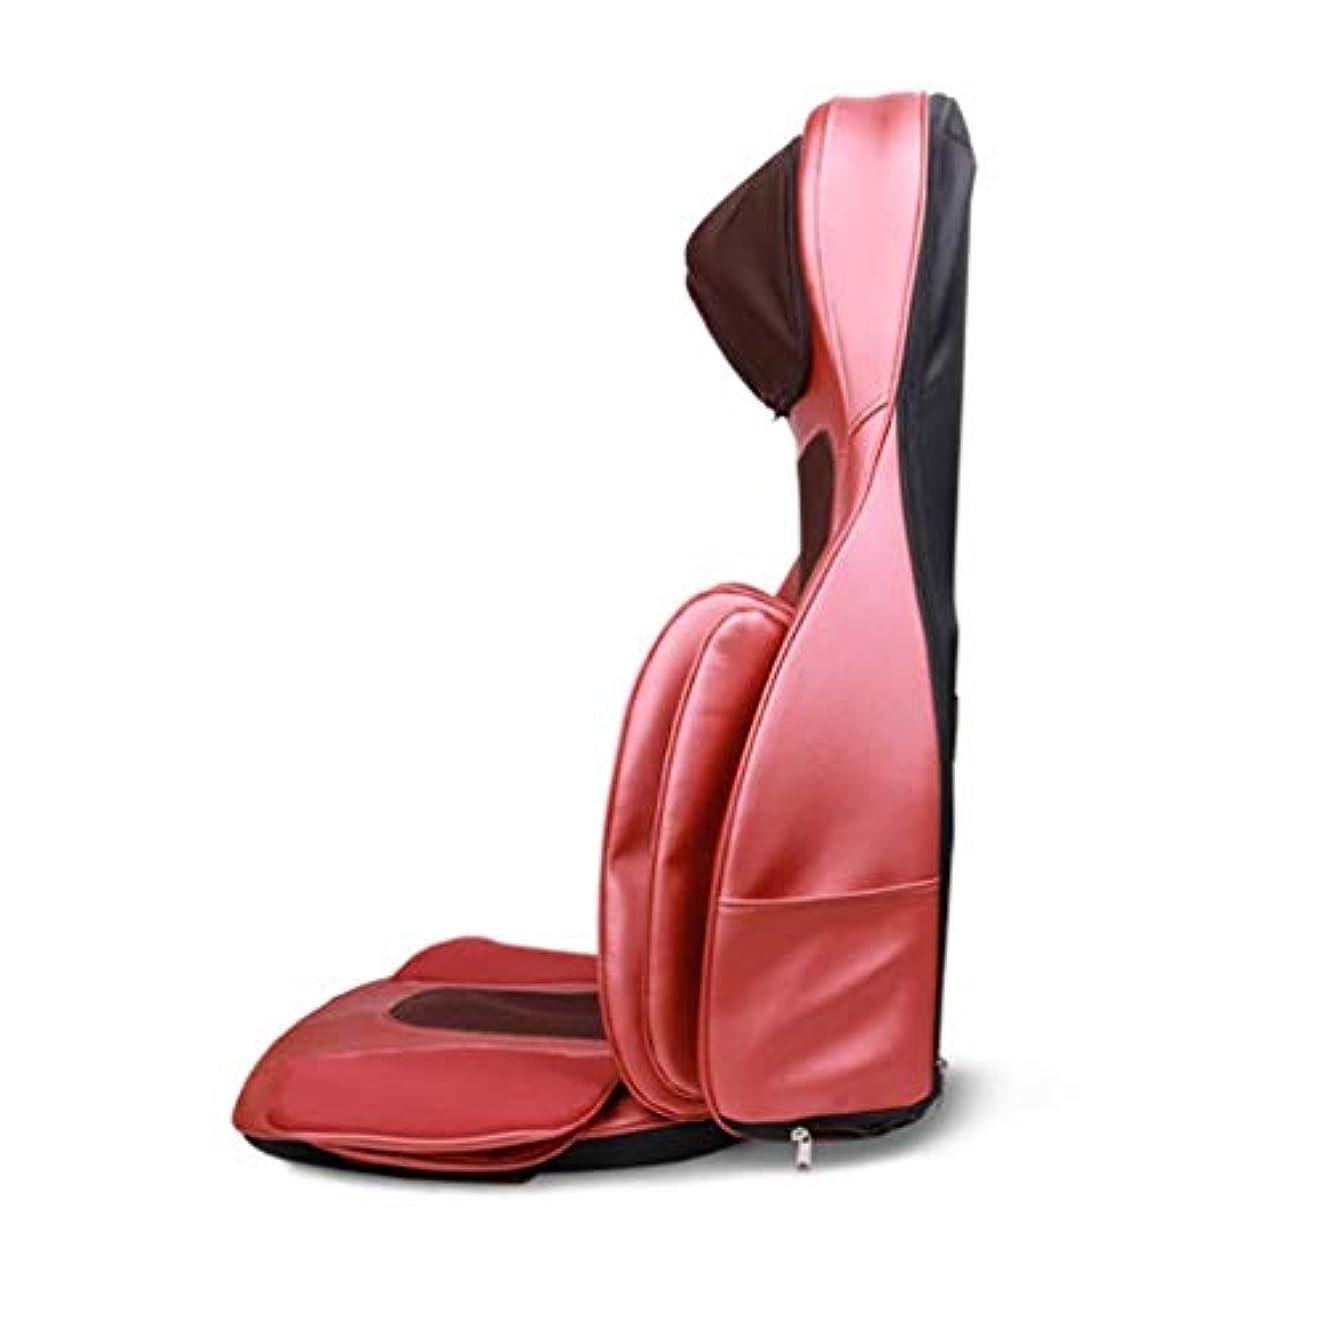 共産主義悲しいことにエスニック指圧/ローリング/振動マッサージ、スージング疲労、車/オフィスや家庭のための調節可能な枕の高さを備えた電気マッサージクッション、カーマッサージシート、バック/首のマッサージ、